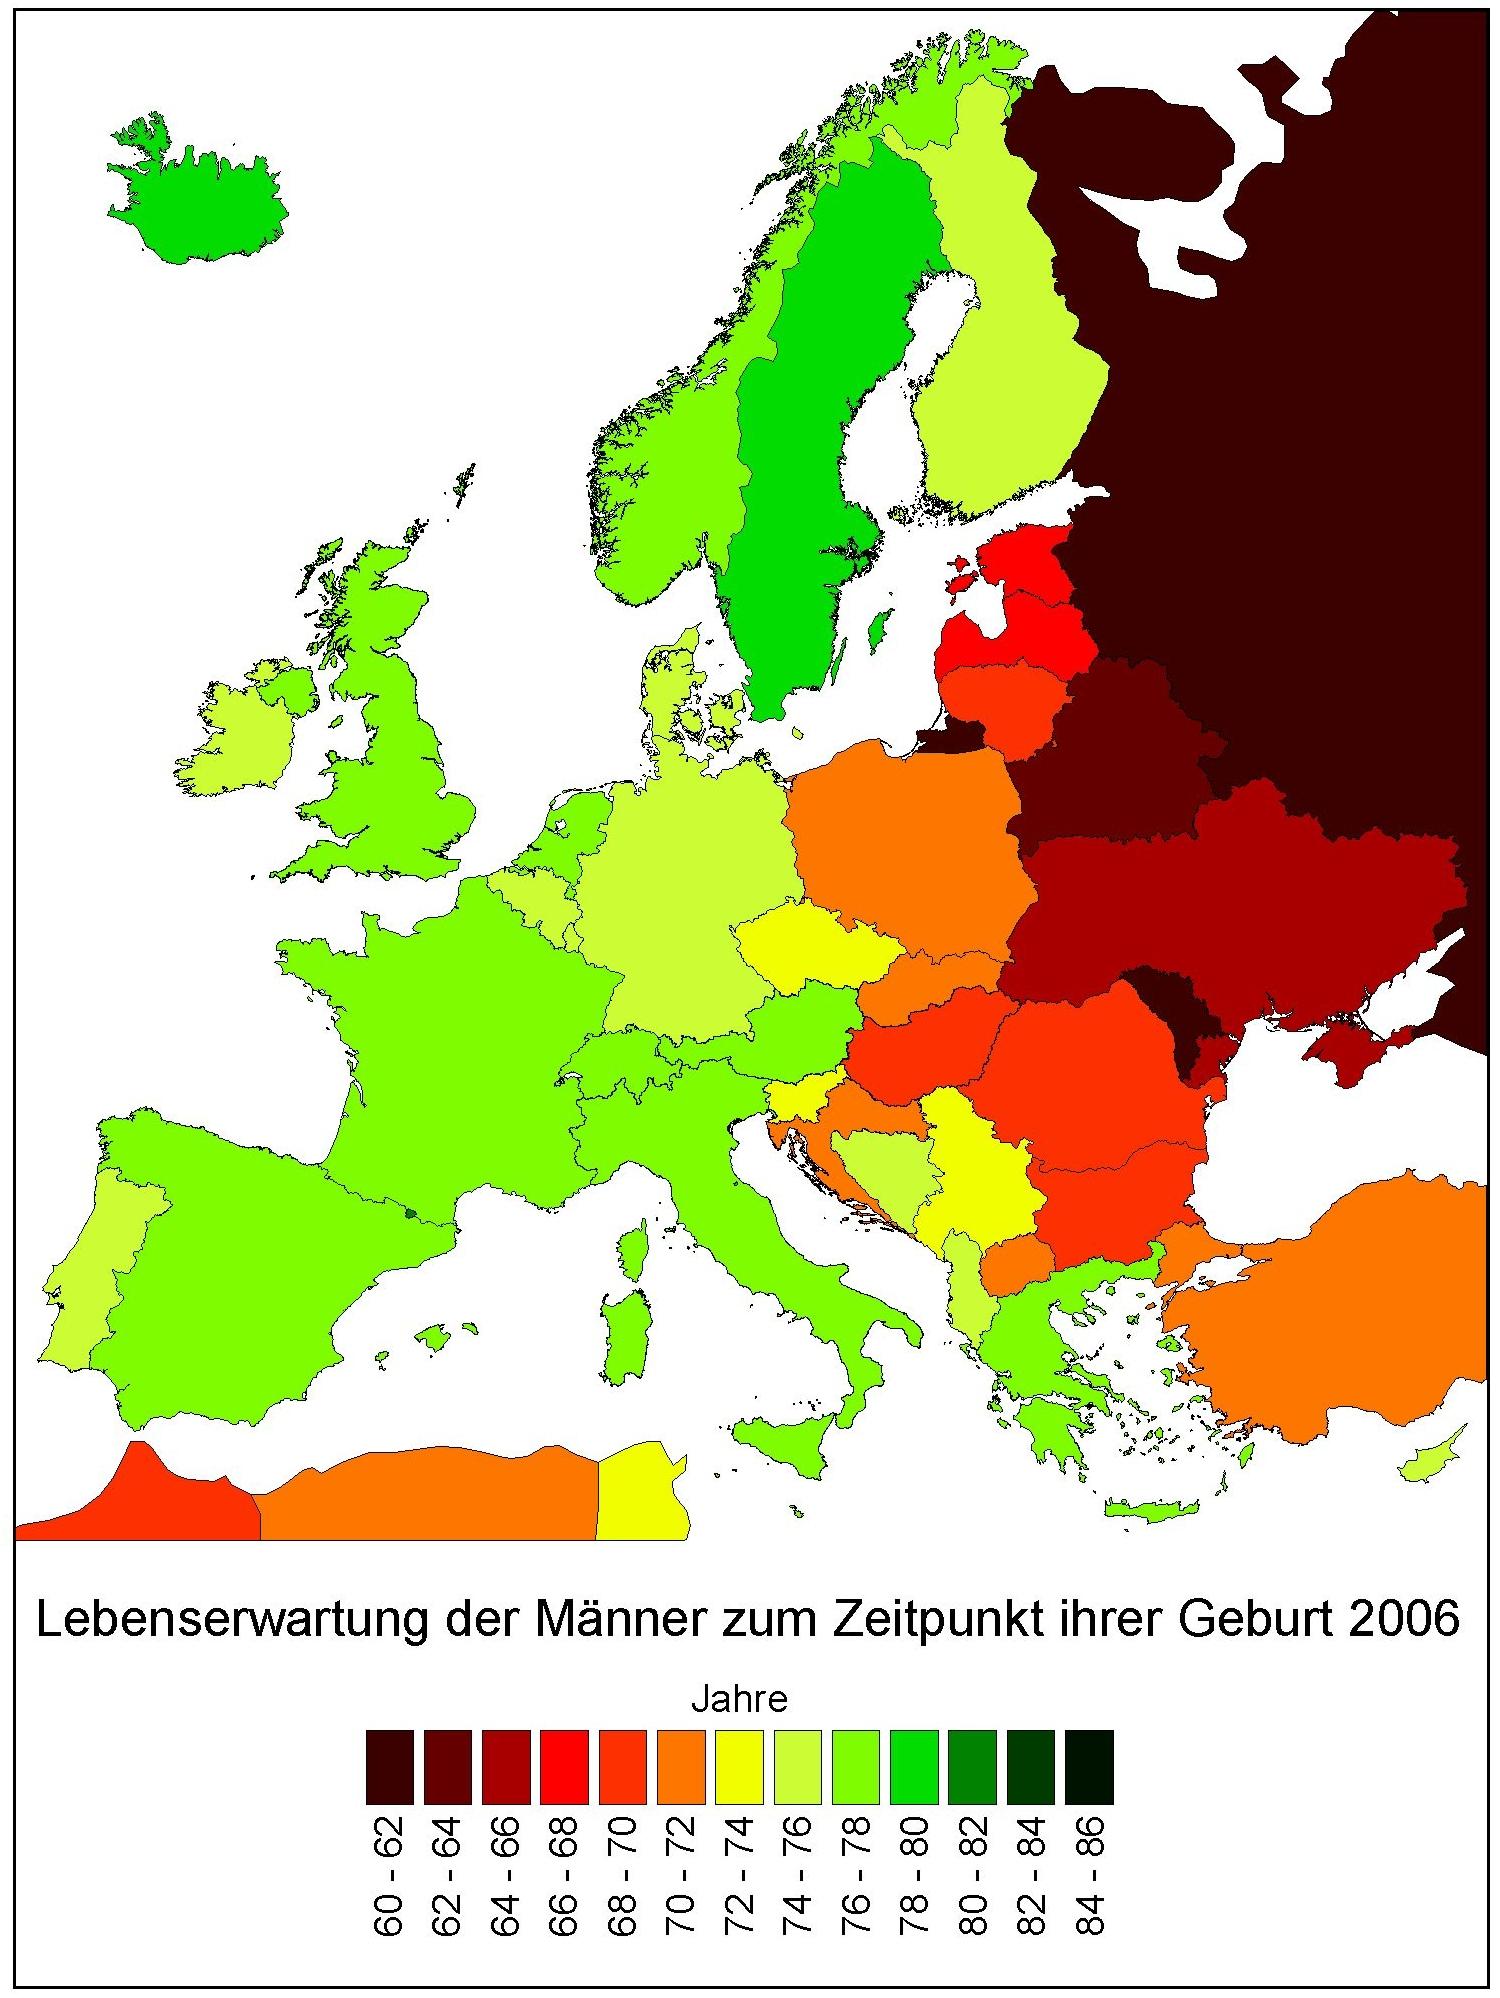 Lebenserwartung Mittelalter